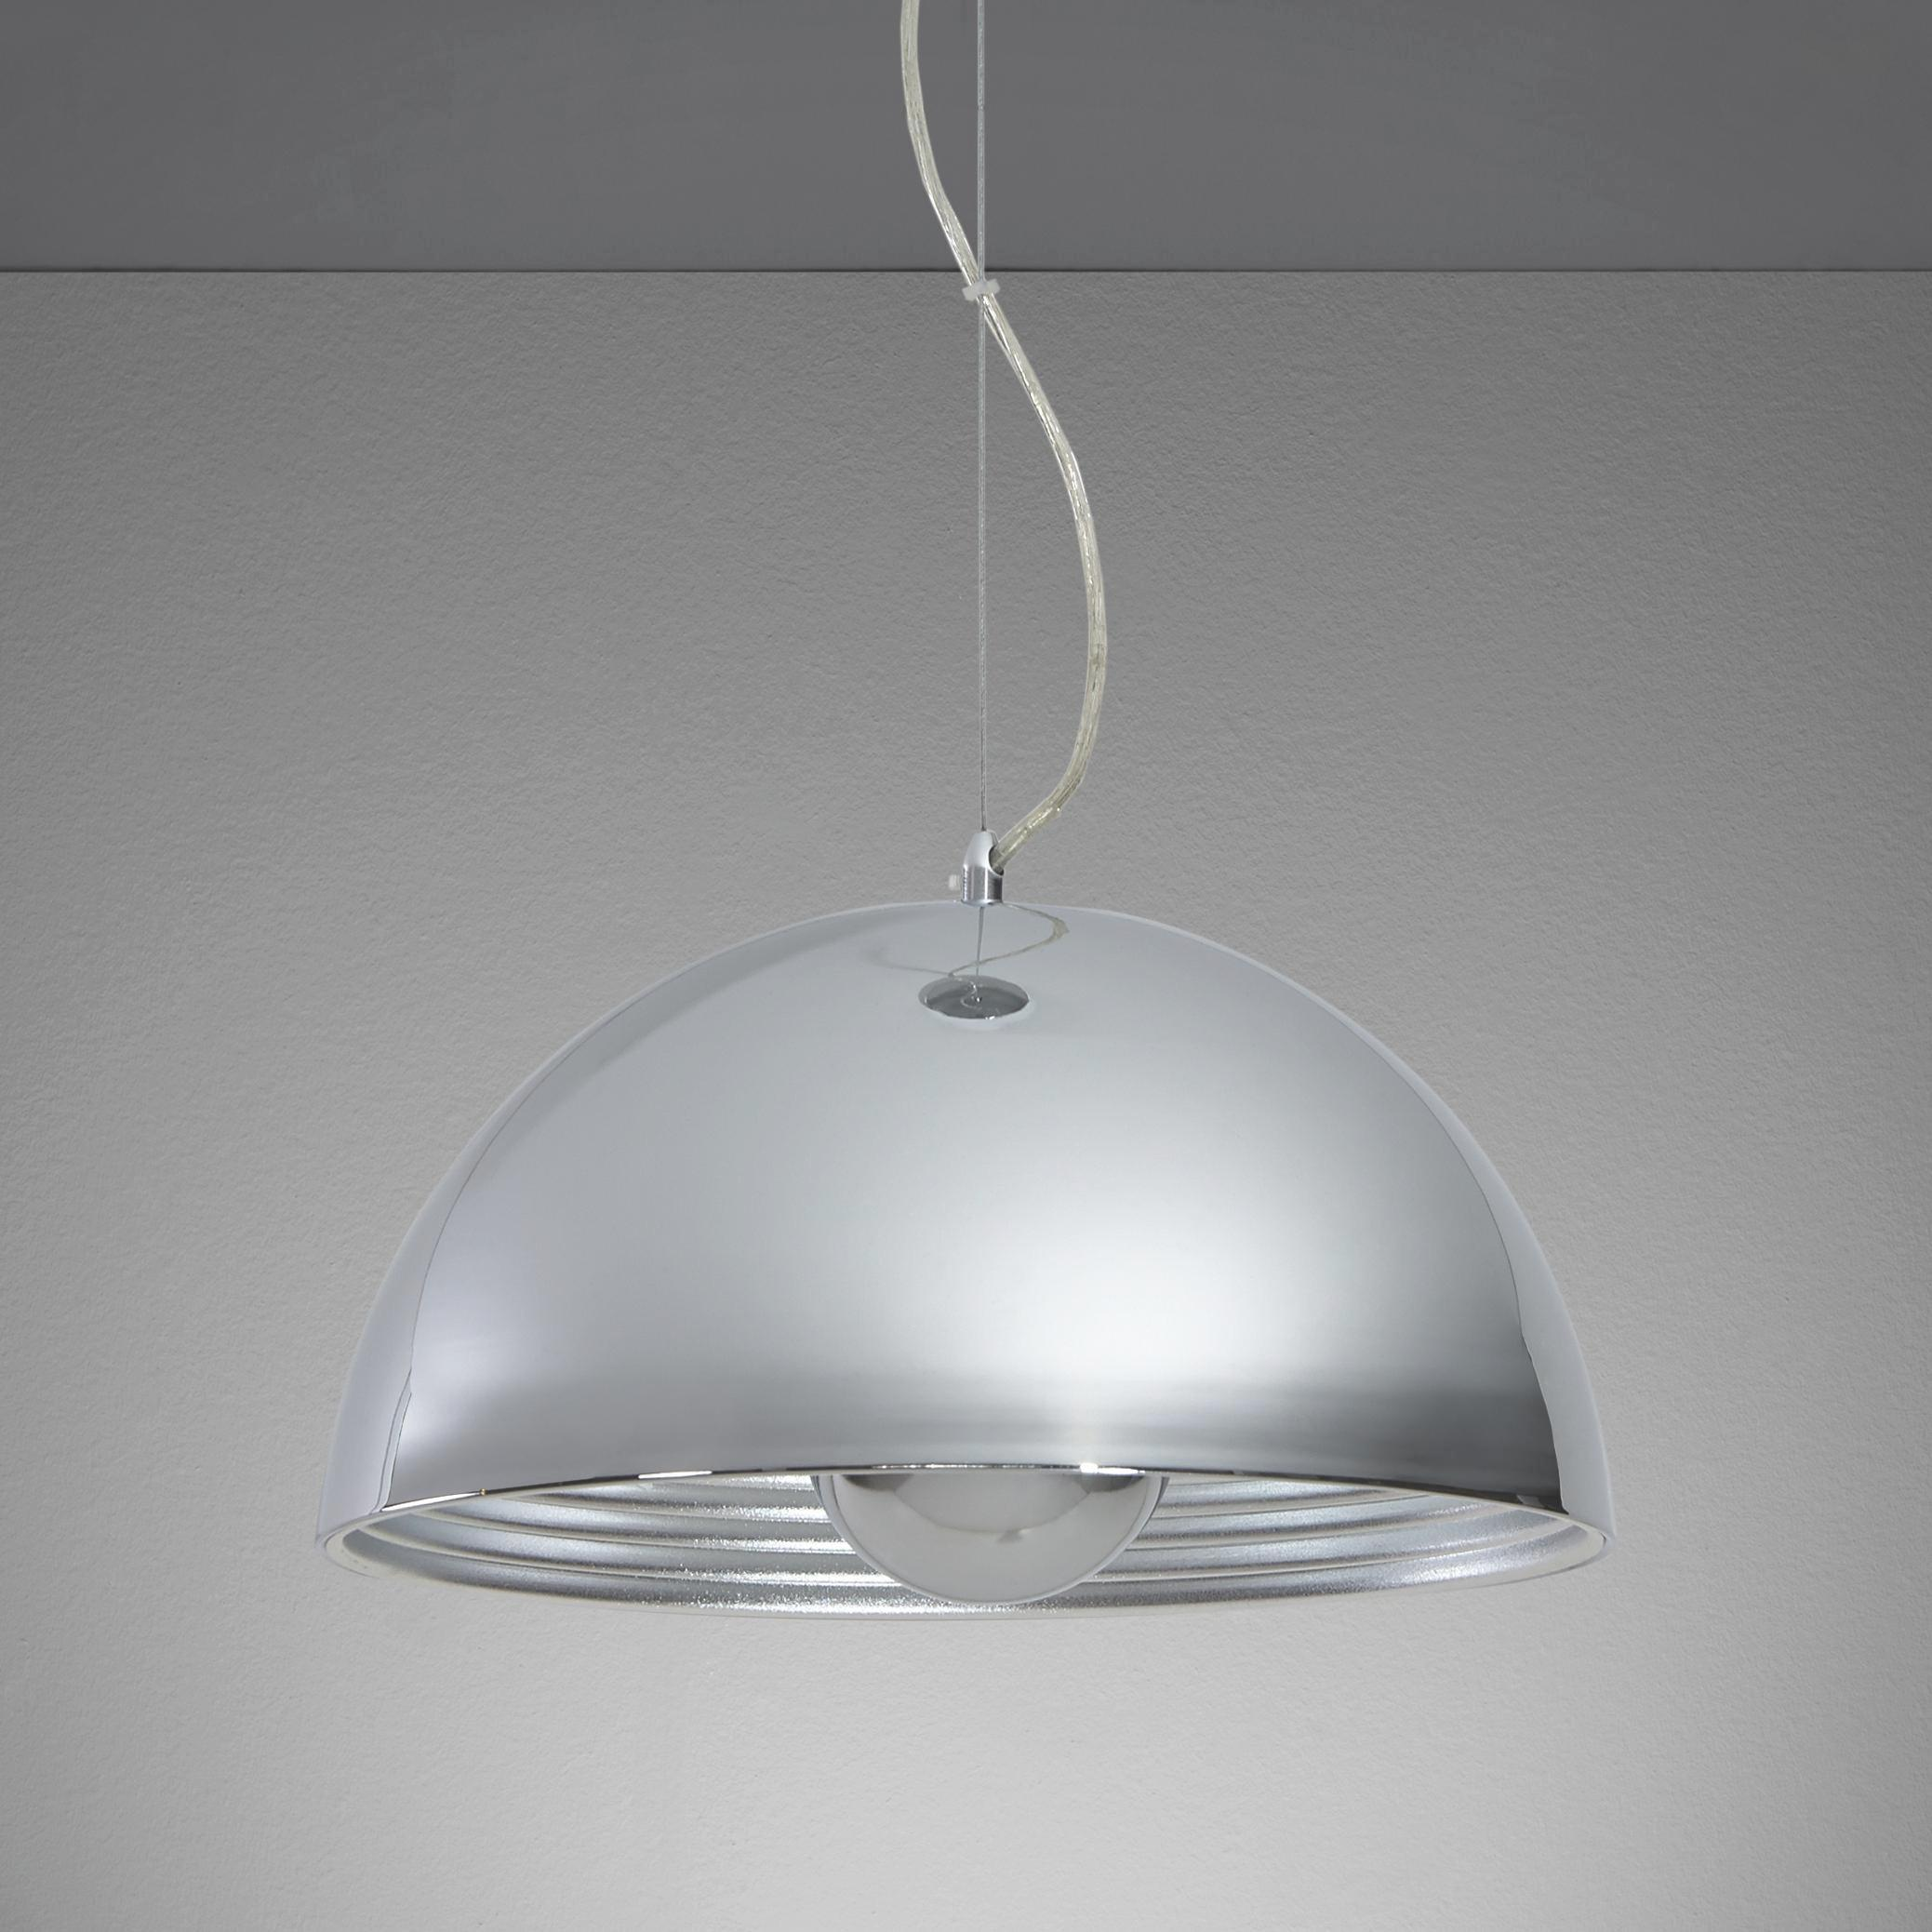 Hängeleuchte Isa - Chromfarben/Silberfarben, MODERN, Metall (40/40/130cm) - MÖMAX modern living